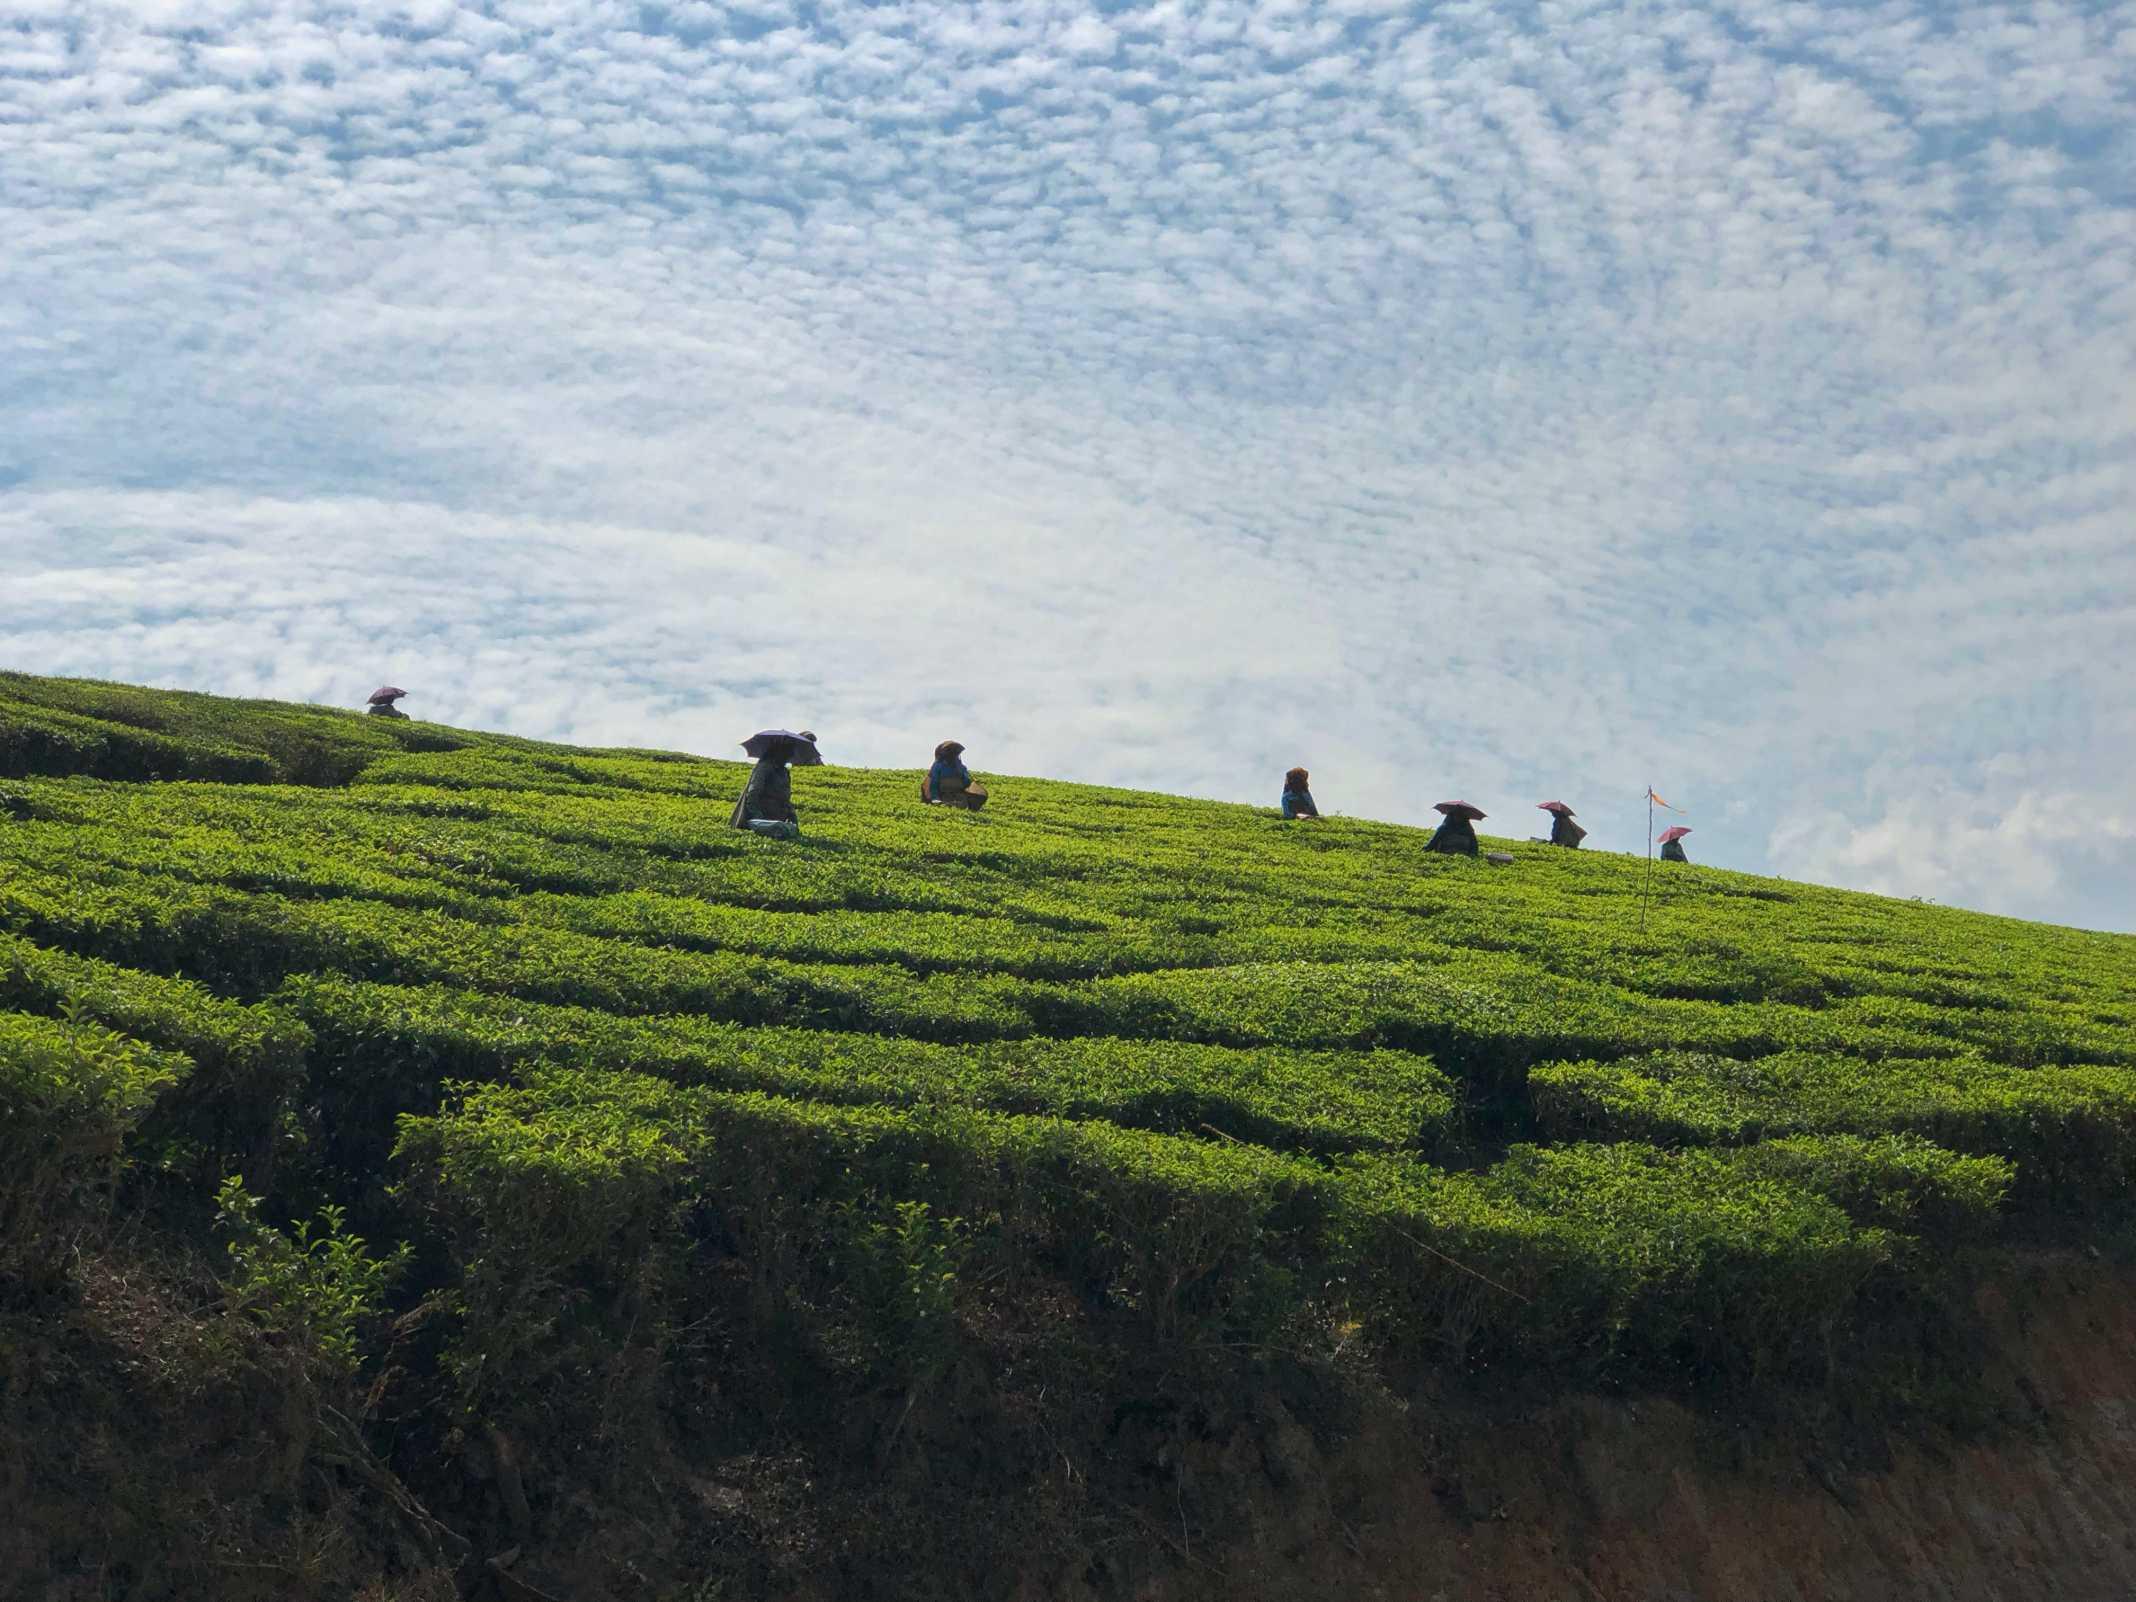 Trabalhadoras Plantações de chá na Índia